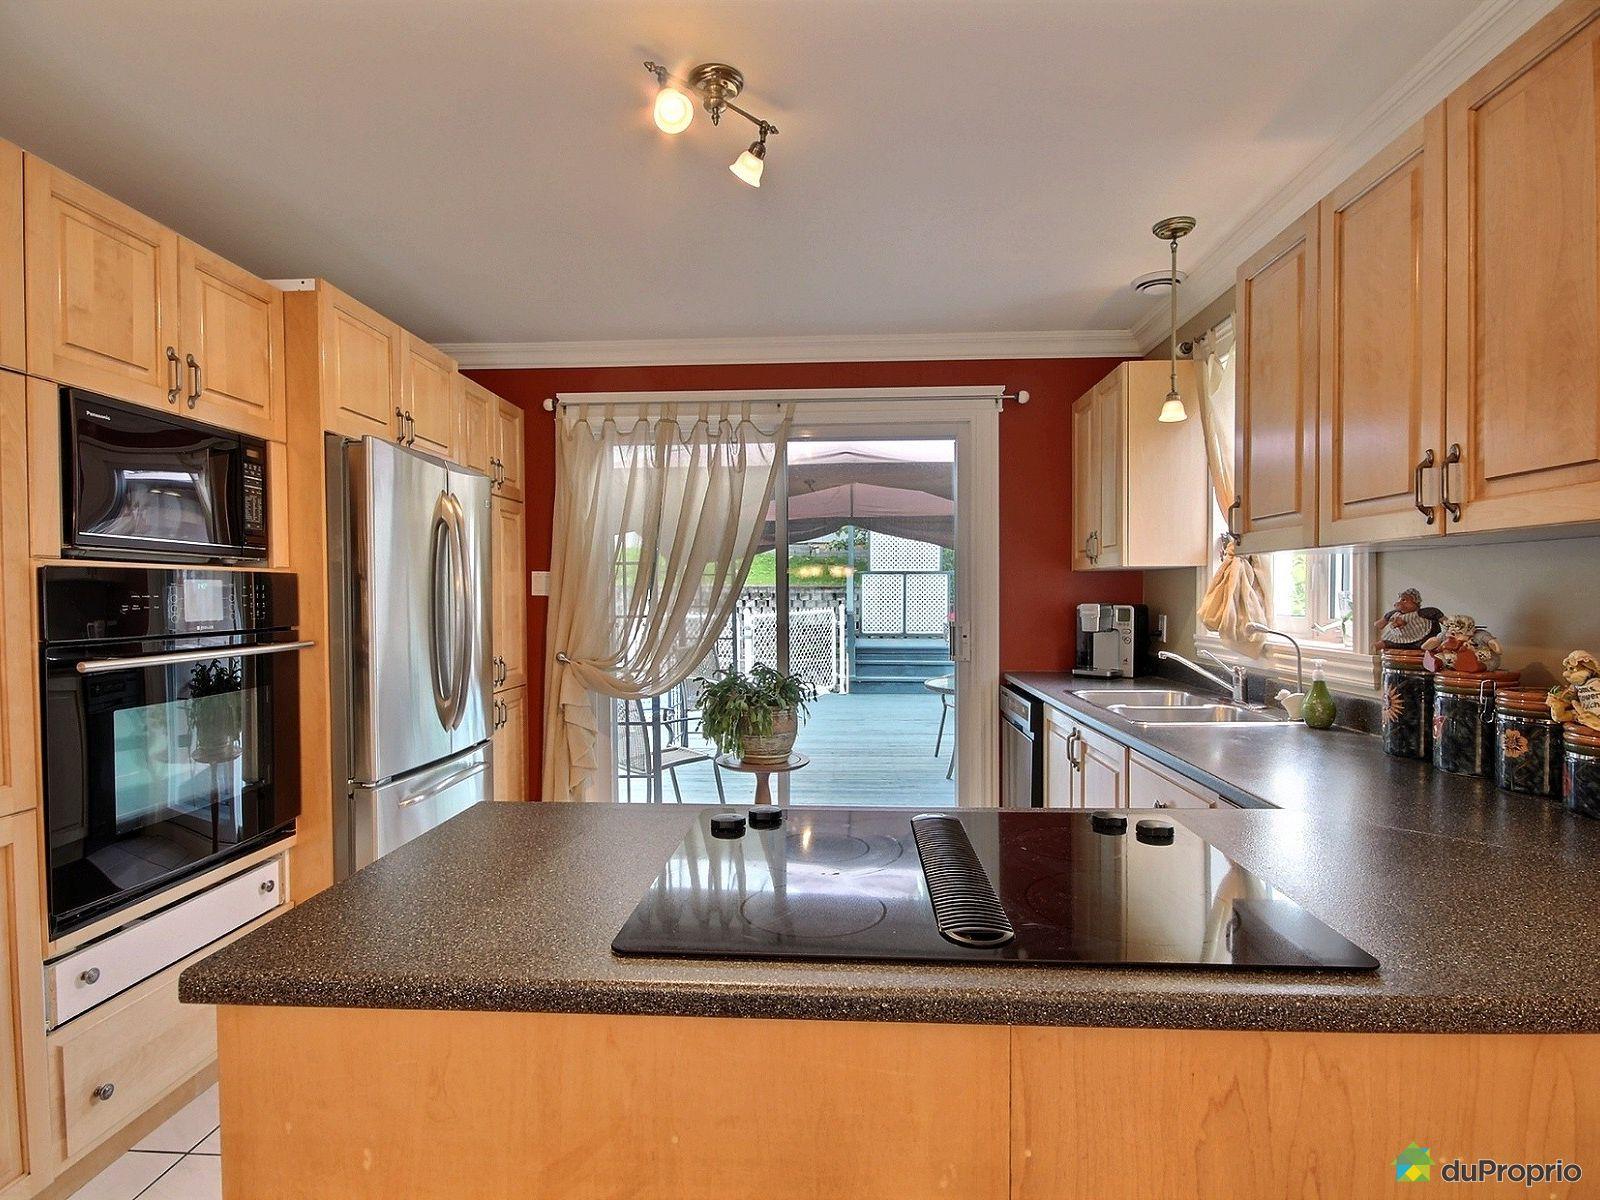 Maison vendre rimouski 209 rue de la normandie for Auberge de la vieille maison rimouski qc